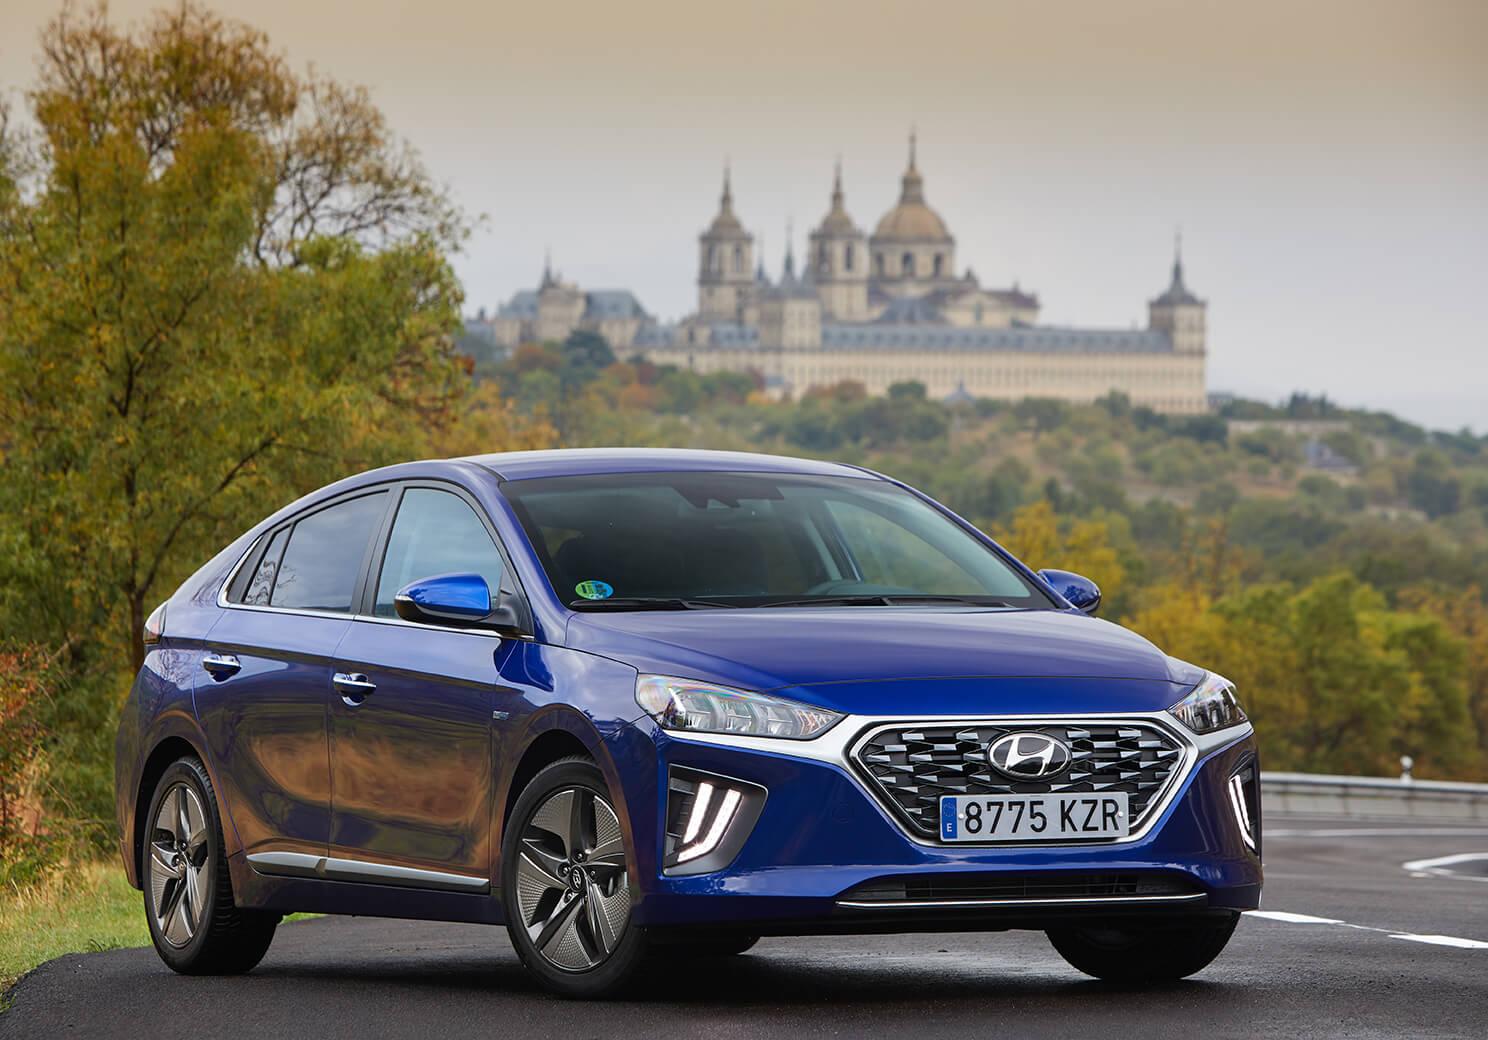 Hyundai IONIQ hibrido: el coche HEV que estabas esperando